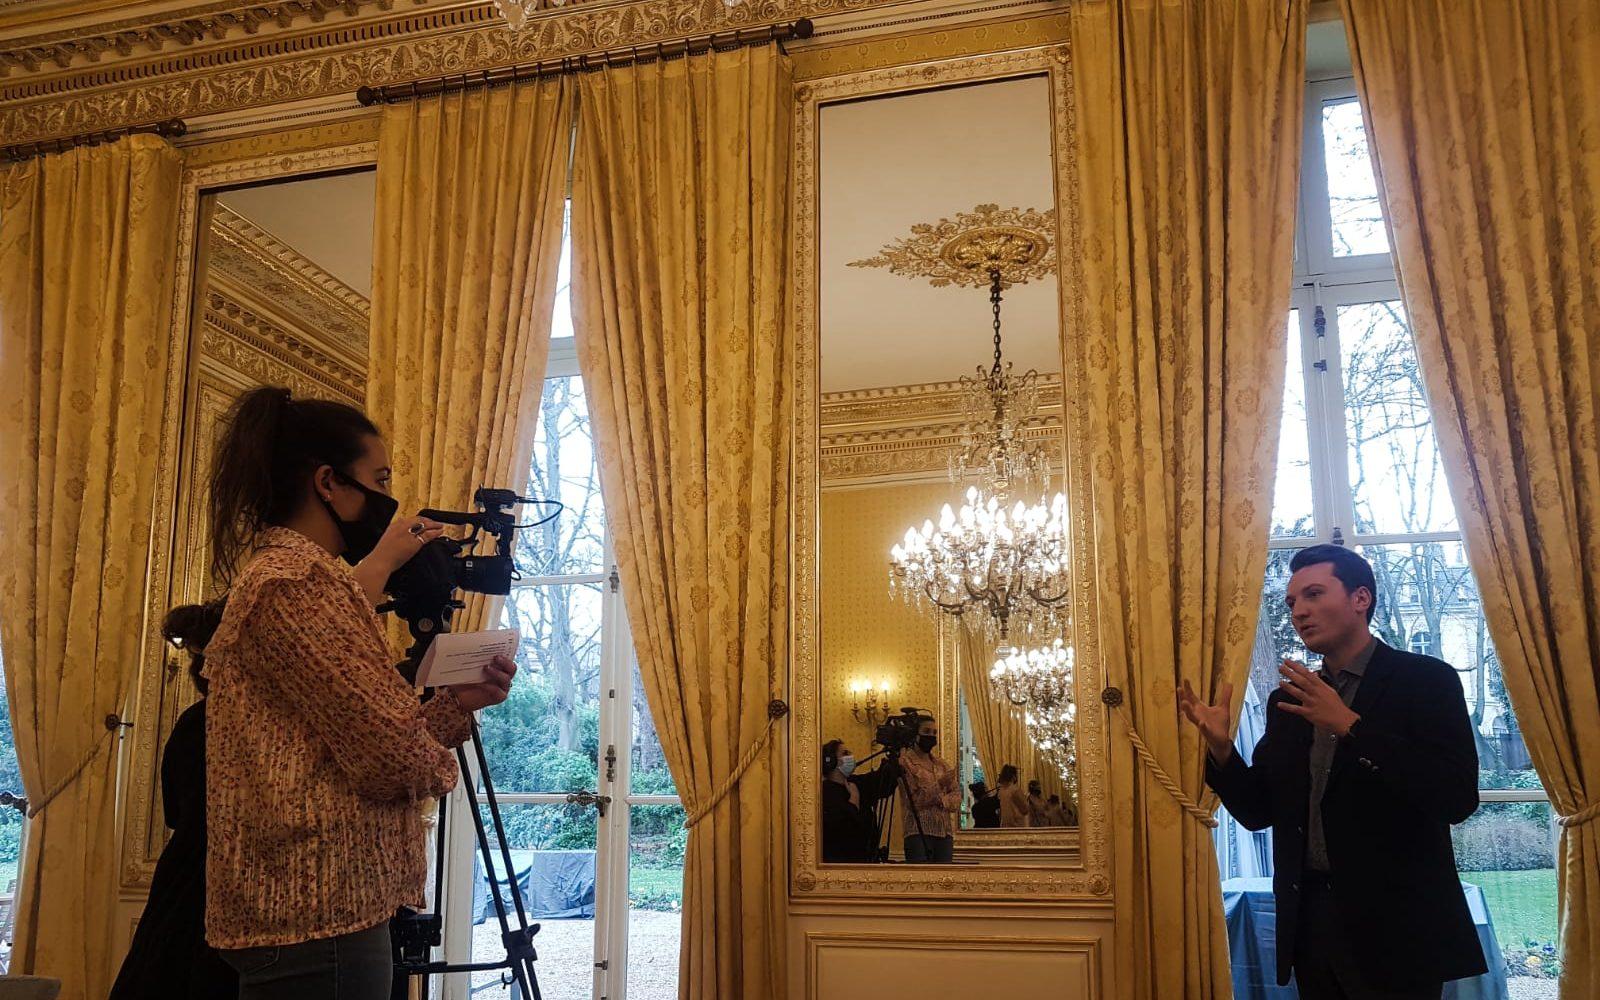 Guillaume Rozier (créateur de CovidTracker) filmé dans des locaux gouvernementaux avec dorures